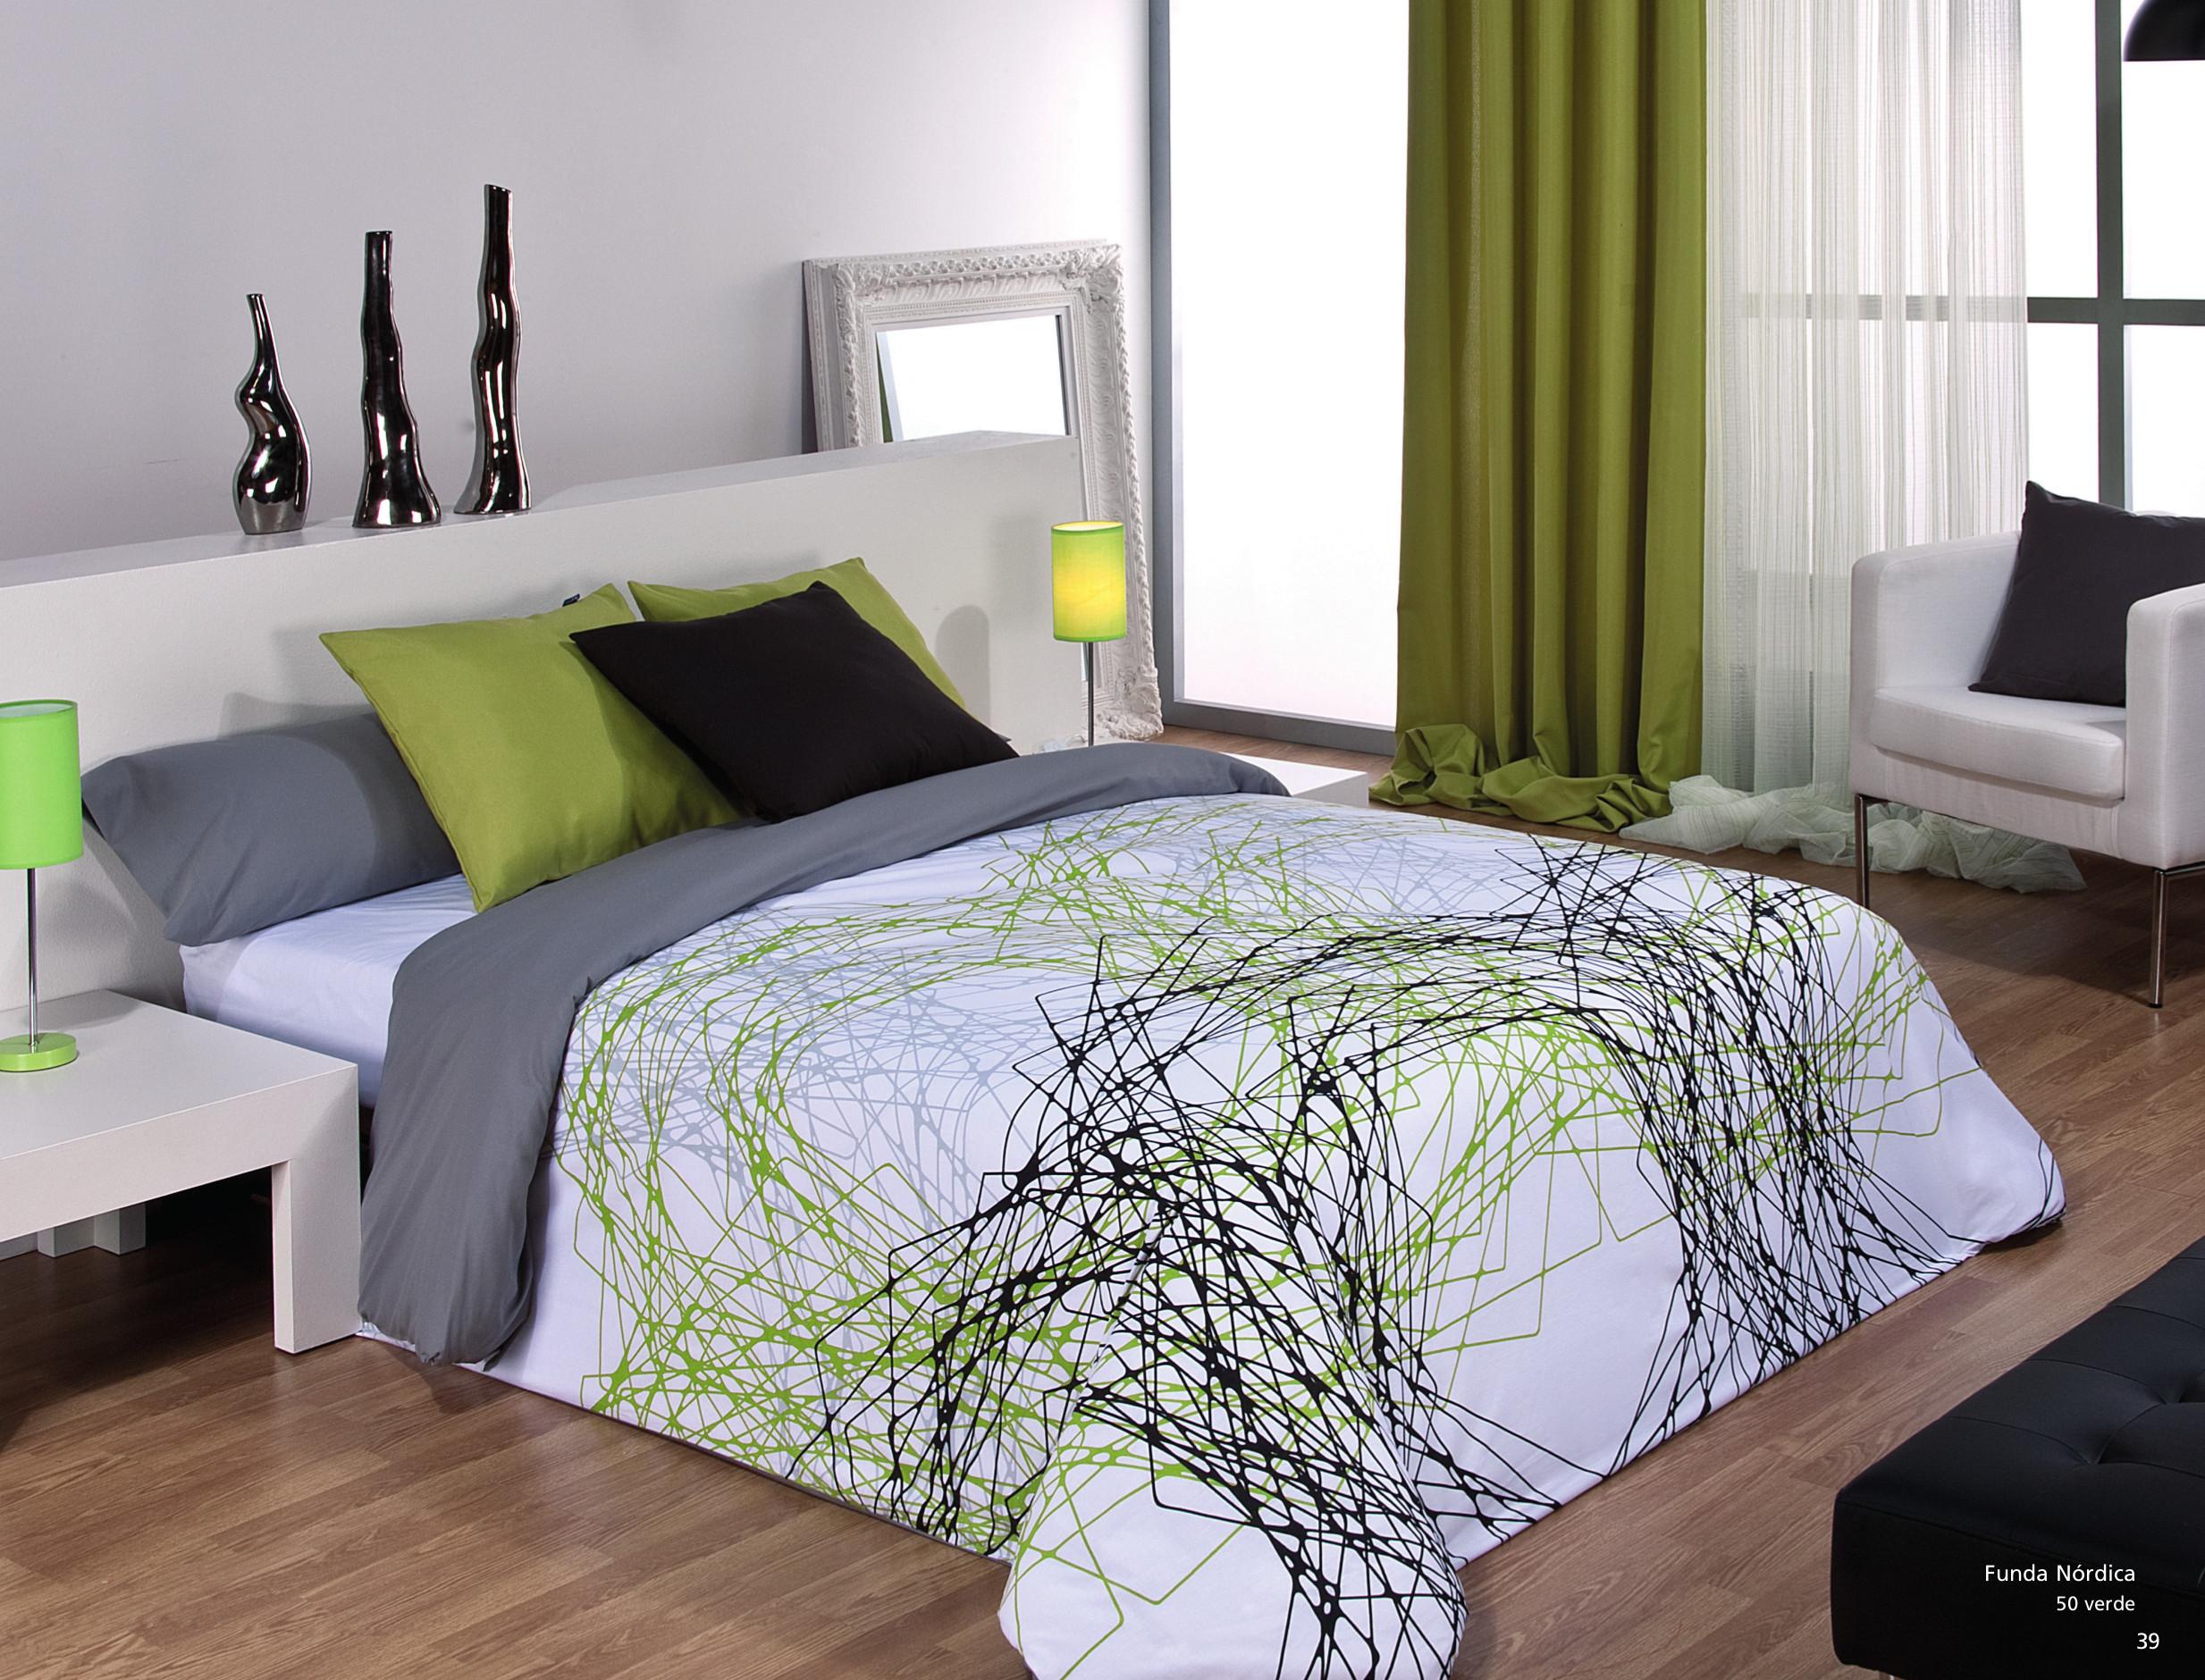 Funda n rdica tyna centro textil hogar for Funda nordica cama 105